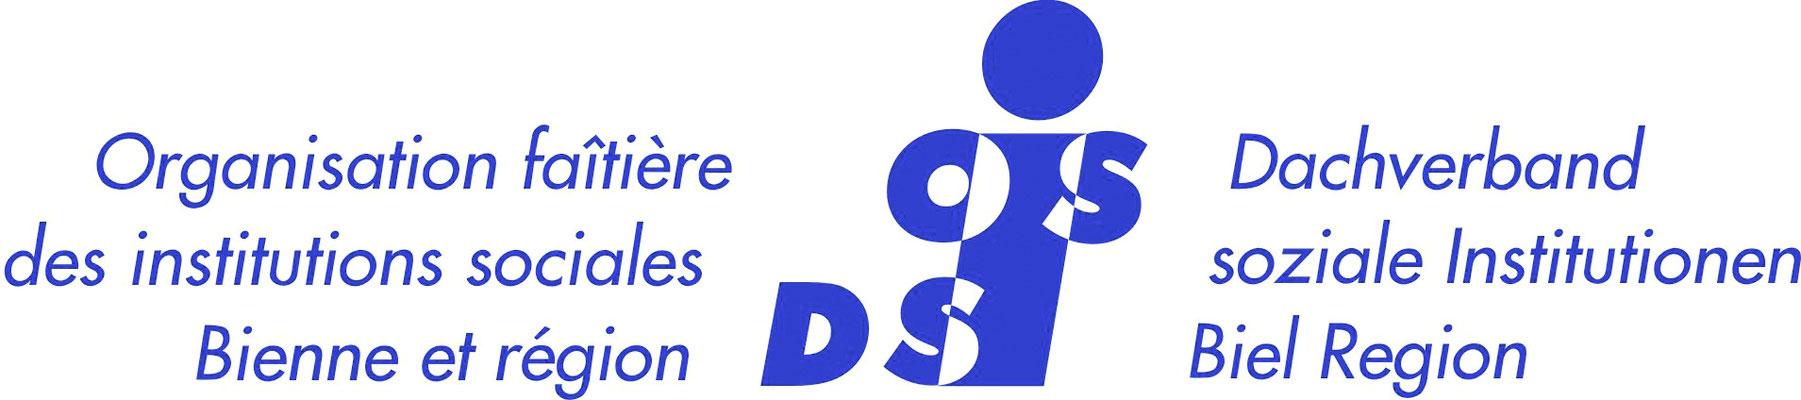 Dachverband der Sozialen Institutionen Biels und der Region DSI